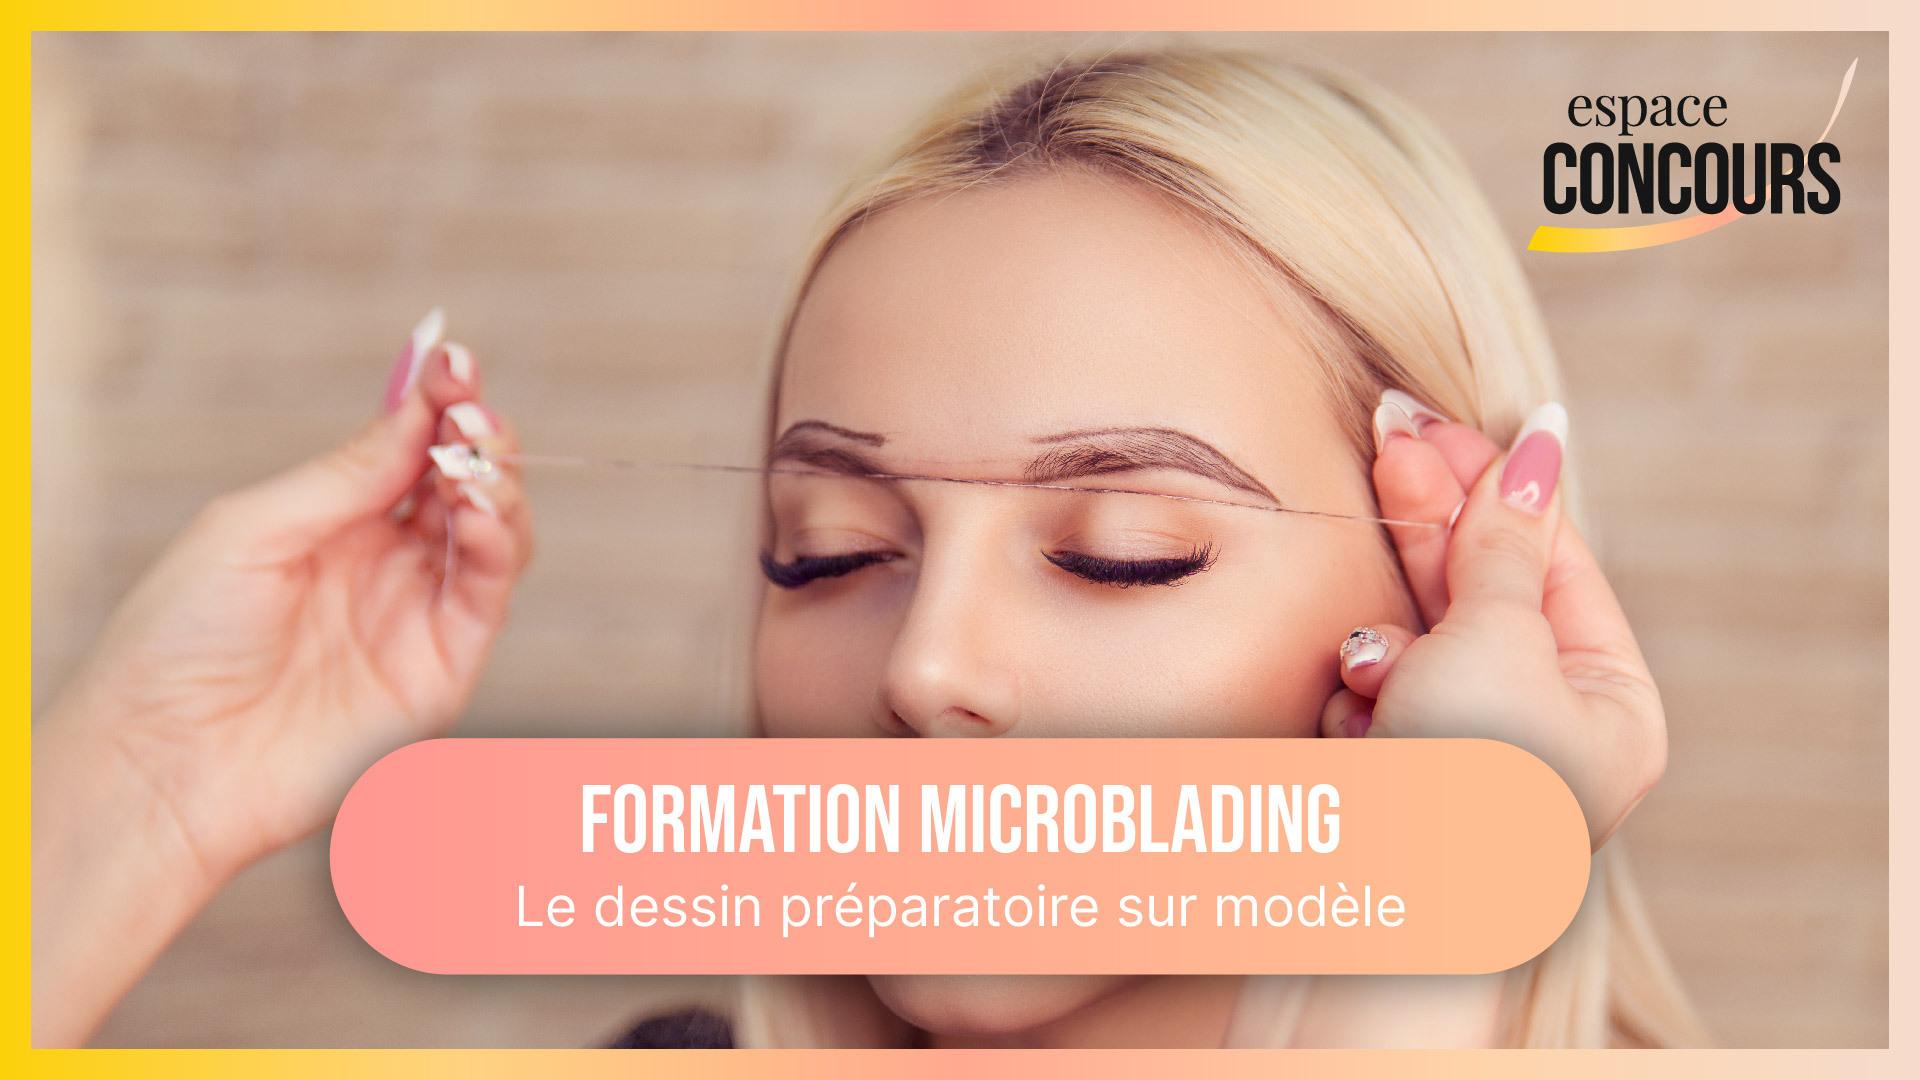 Dessin sur peau avant pigmentation [Formation Microblading – Vidéo Tuto – Extrait de cours]